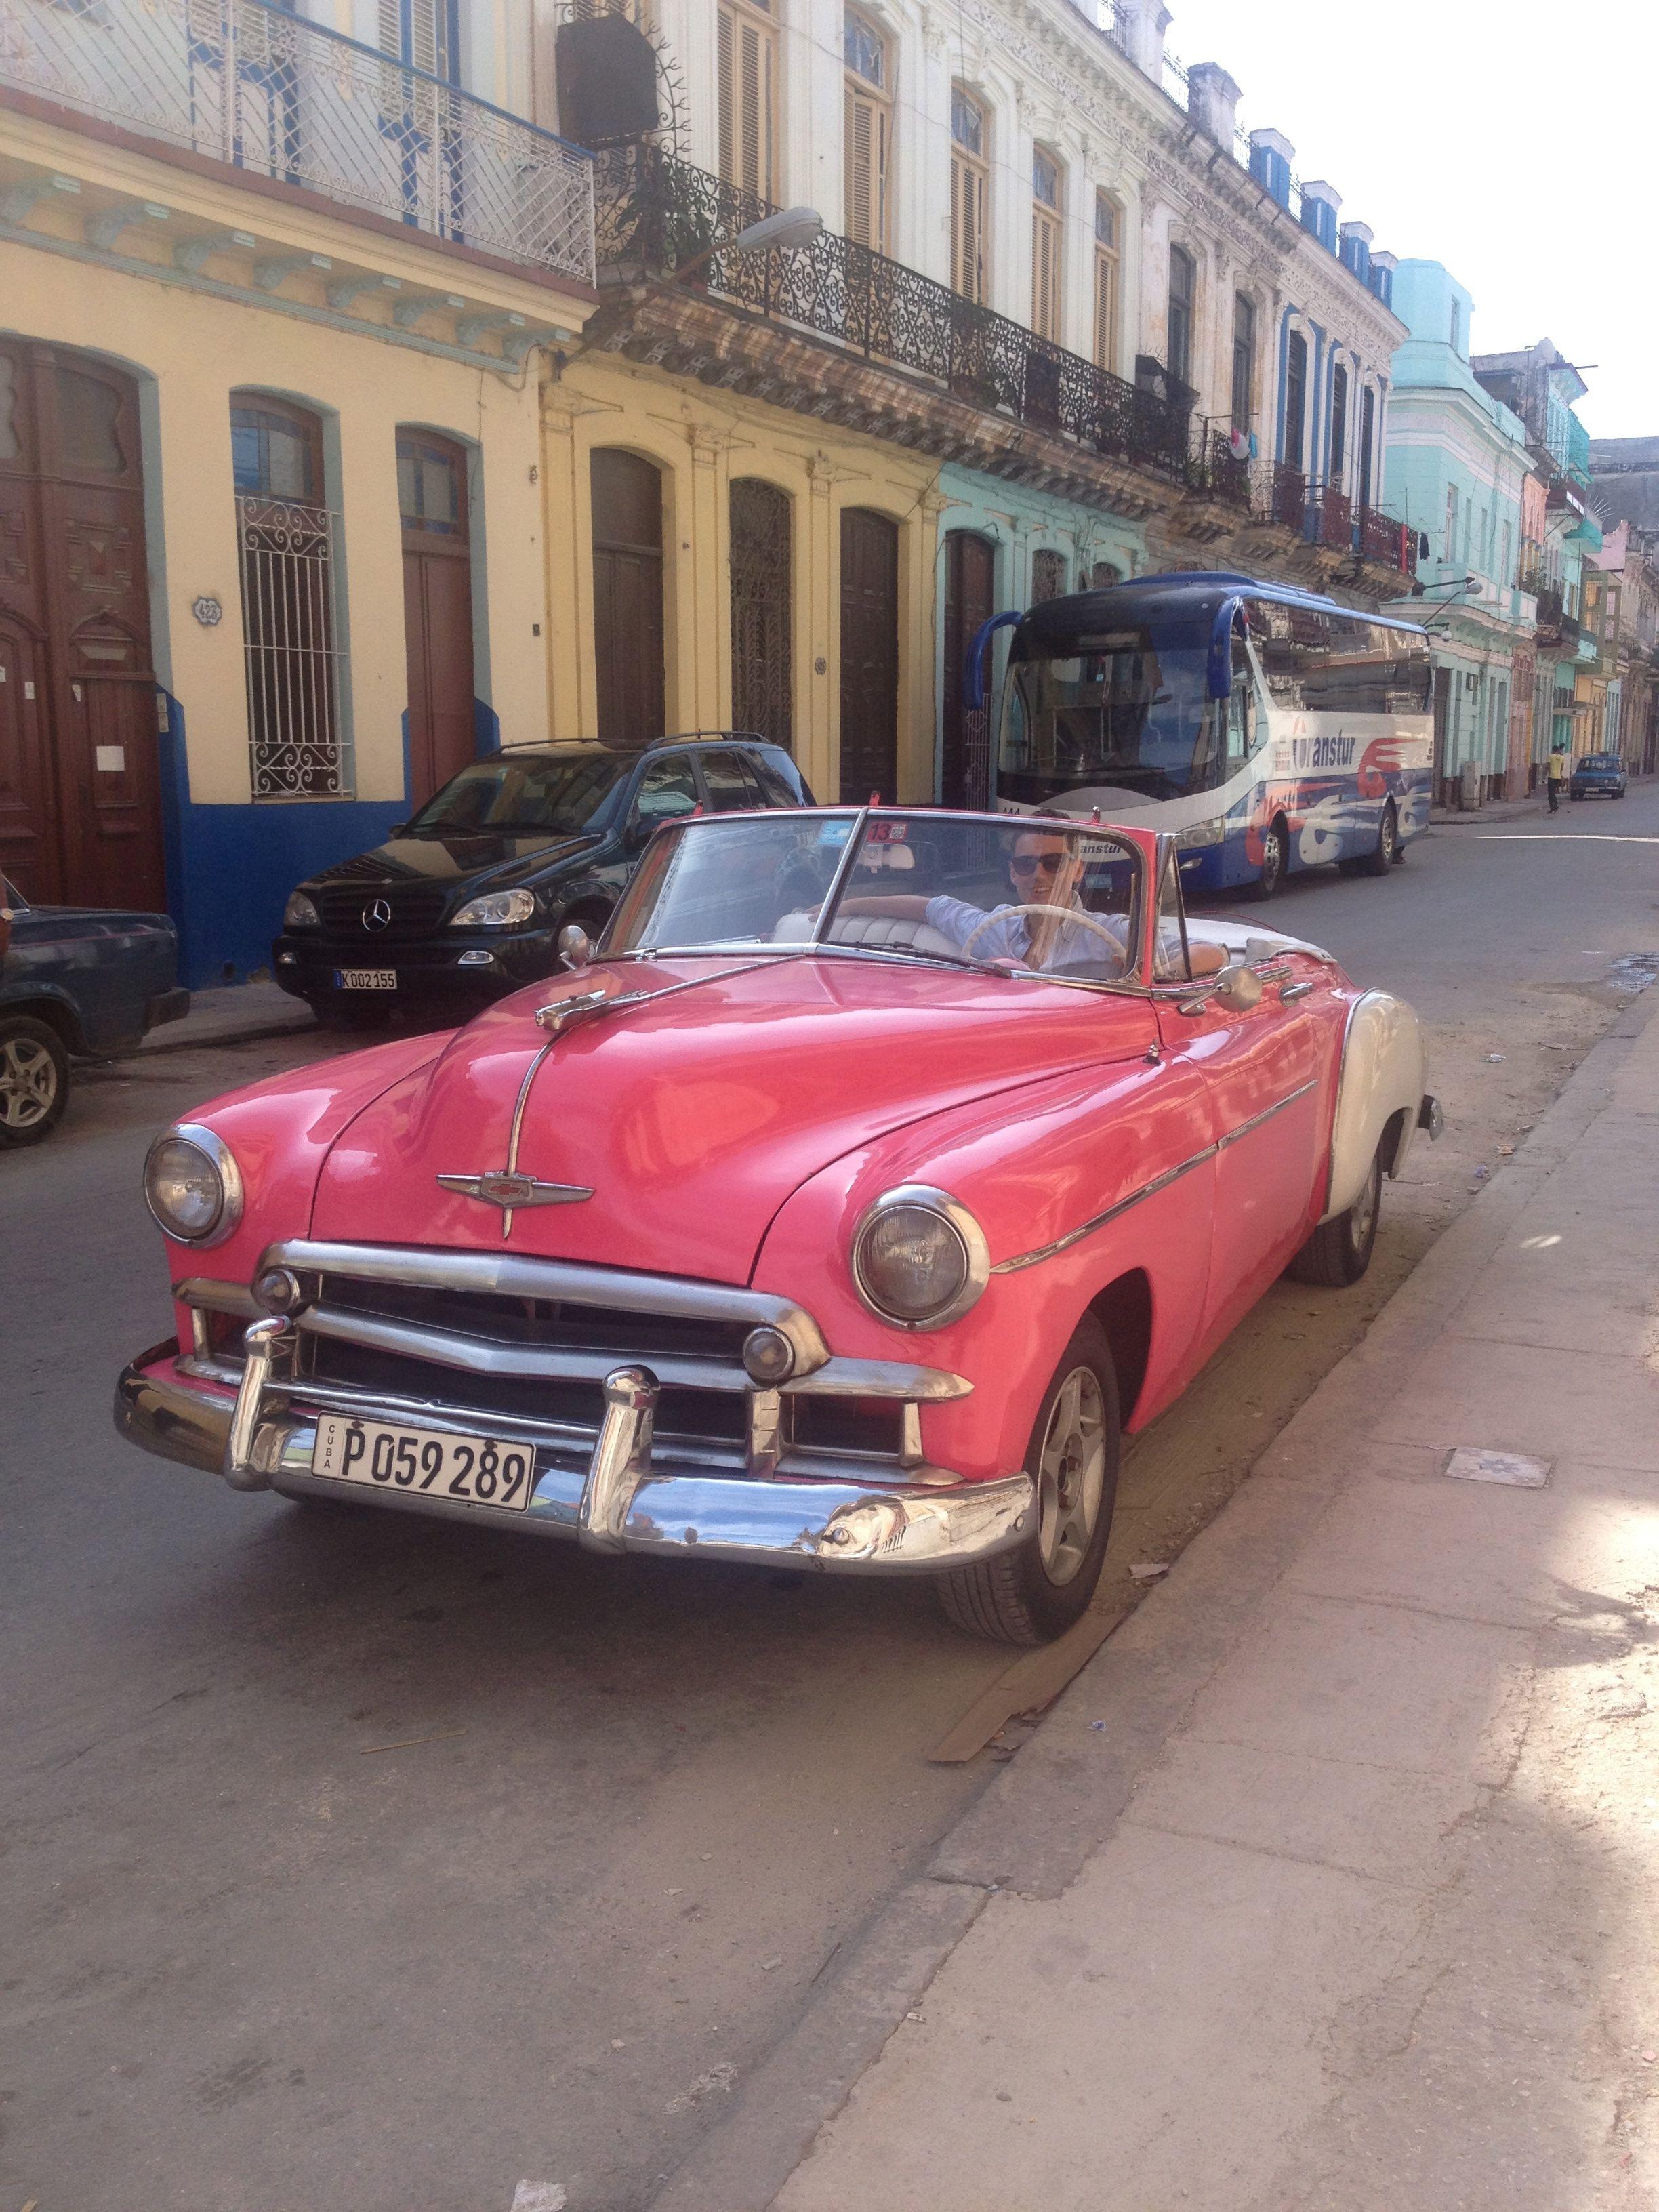 My Gorgeous Son Driving A Fabulous Car Havana Cod S Cars Of Cuba